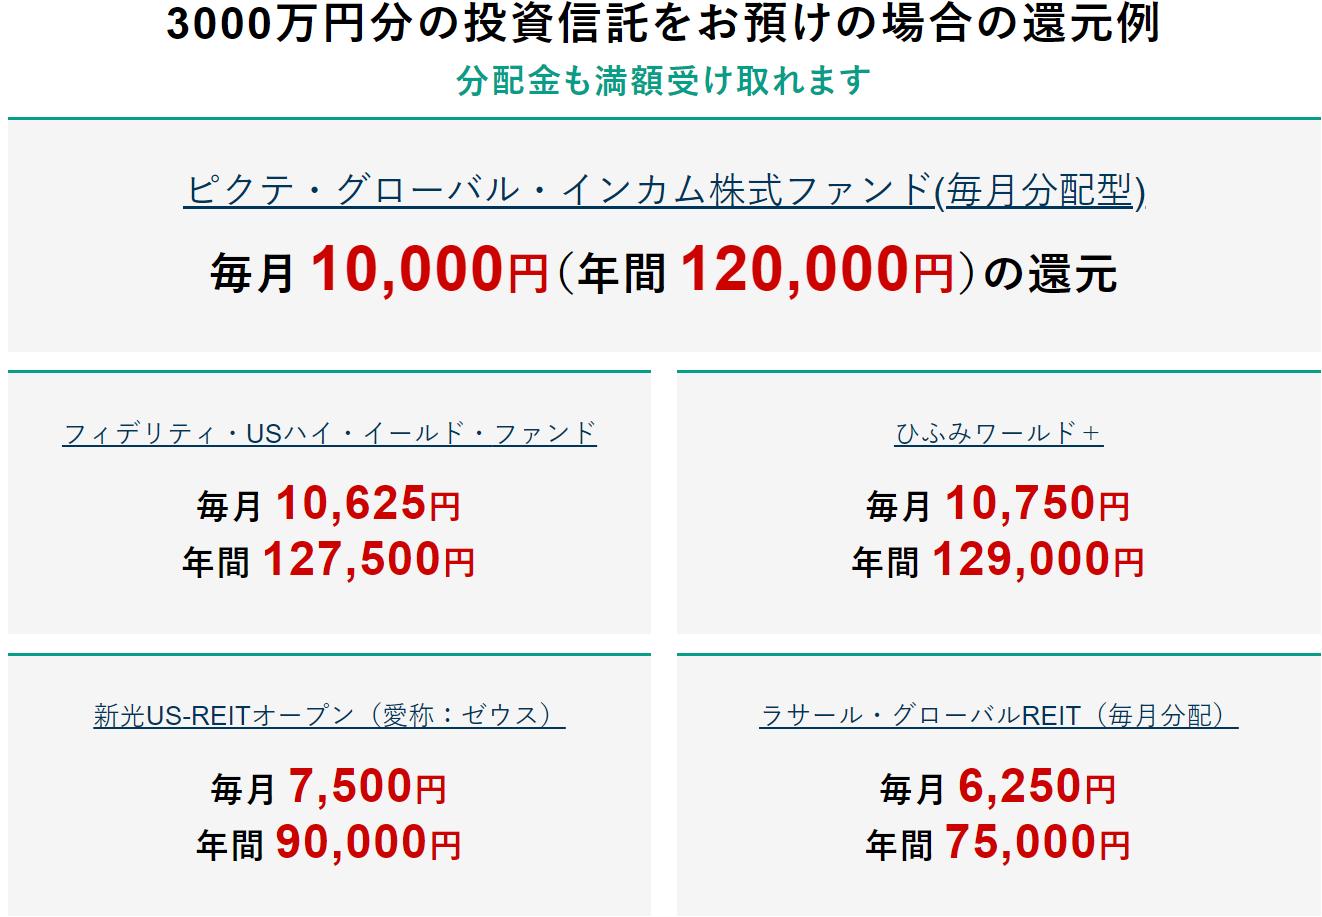 松井証券-投資信託の信託報酬の一部が現金で還元される